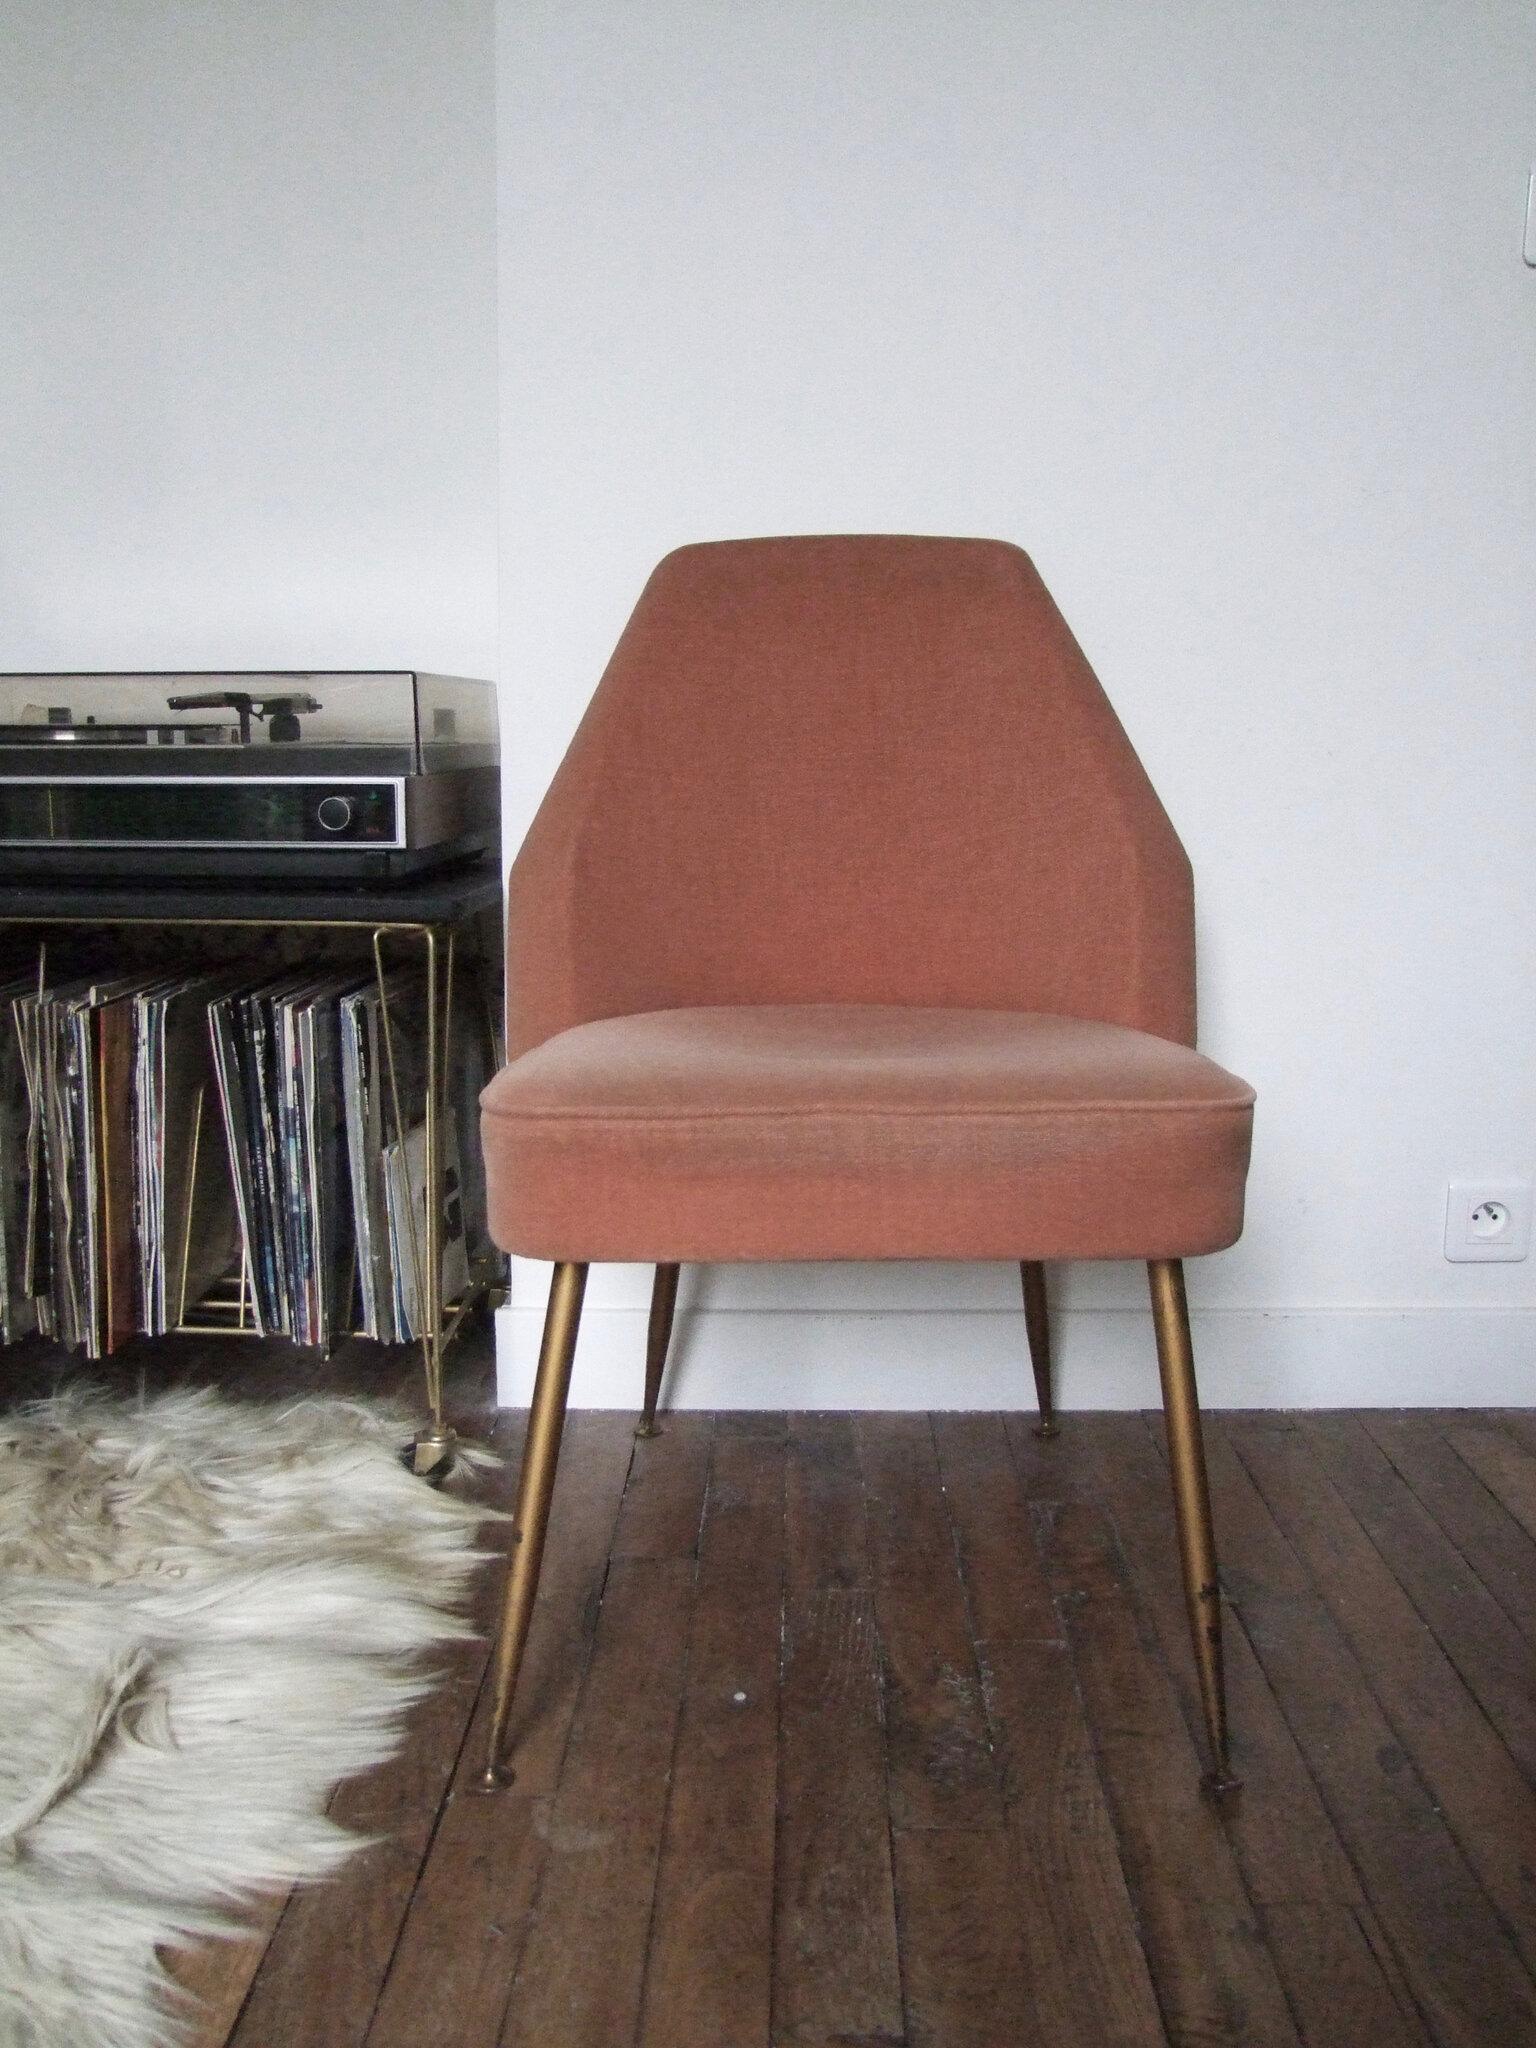 Meuble vintage belgique tous les messages sur meuble vintage belgique meu - Meuble vintage belgique ...